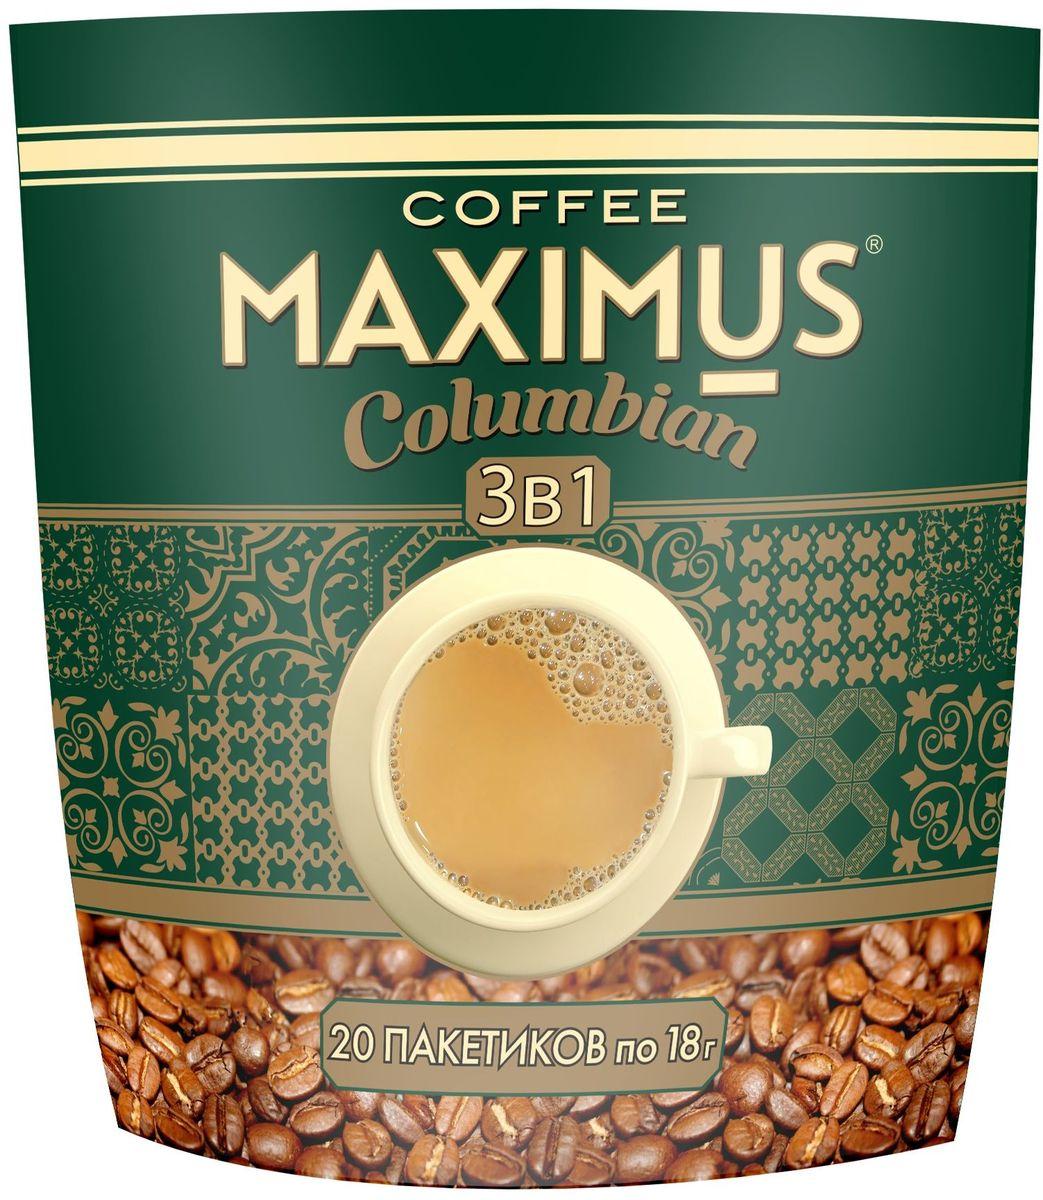 все цены на Maximus Columbian растворимый кофейный напиток в пакетиках, 20 шт онлайн